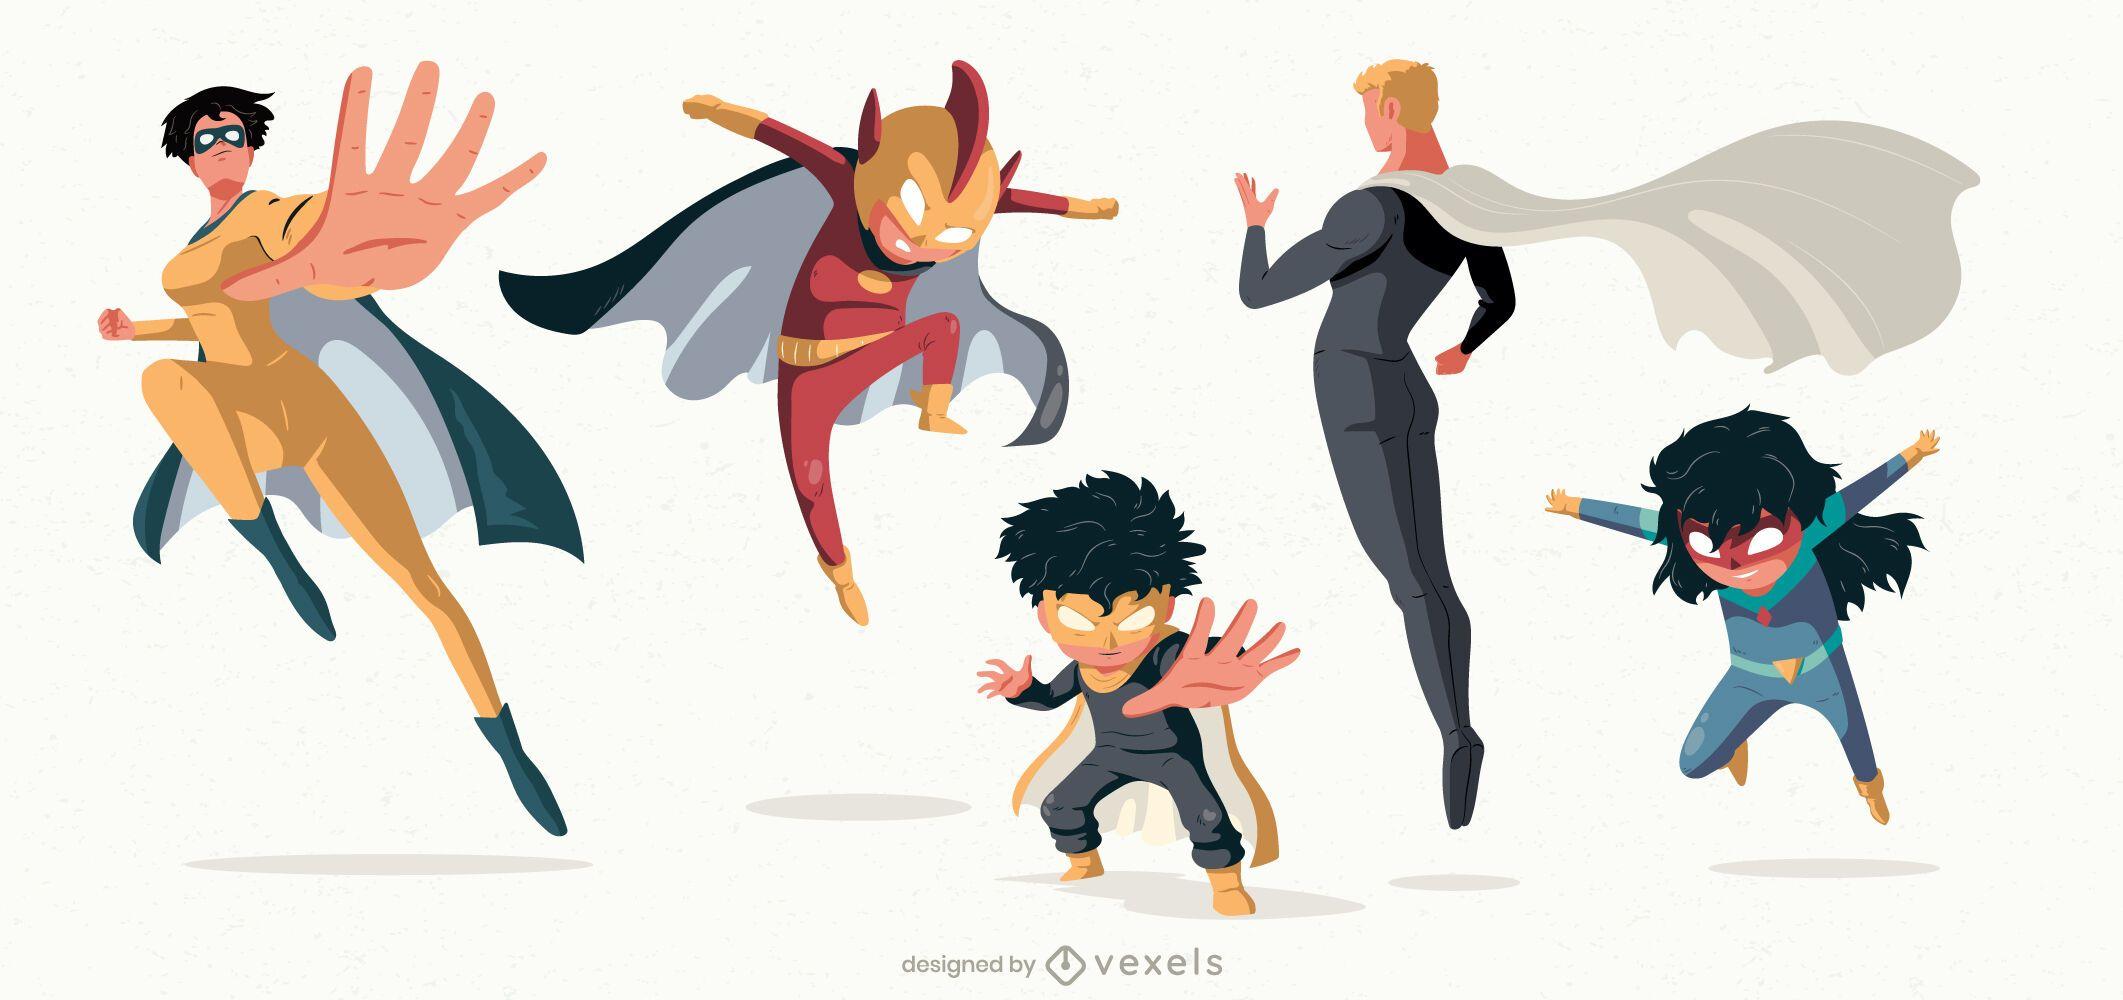 Superhero poses character pack